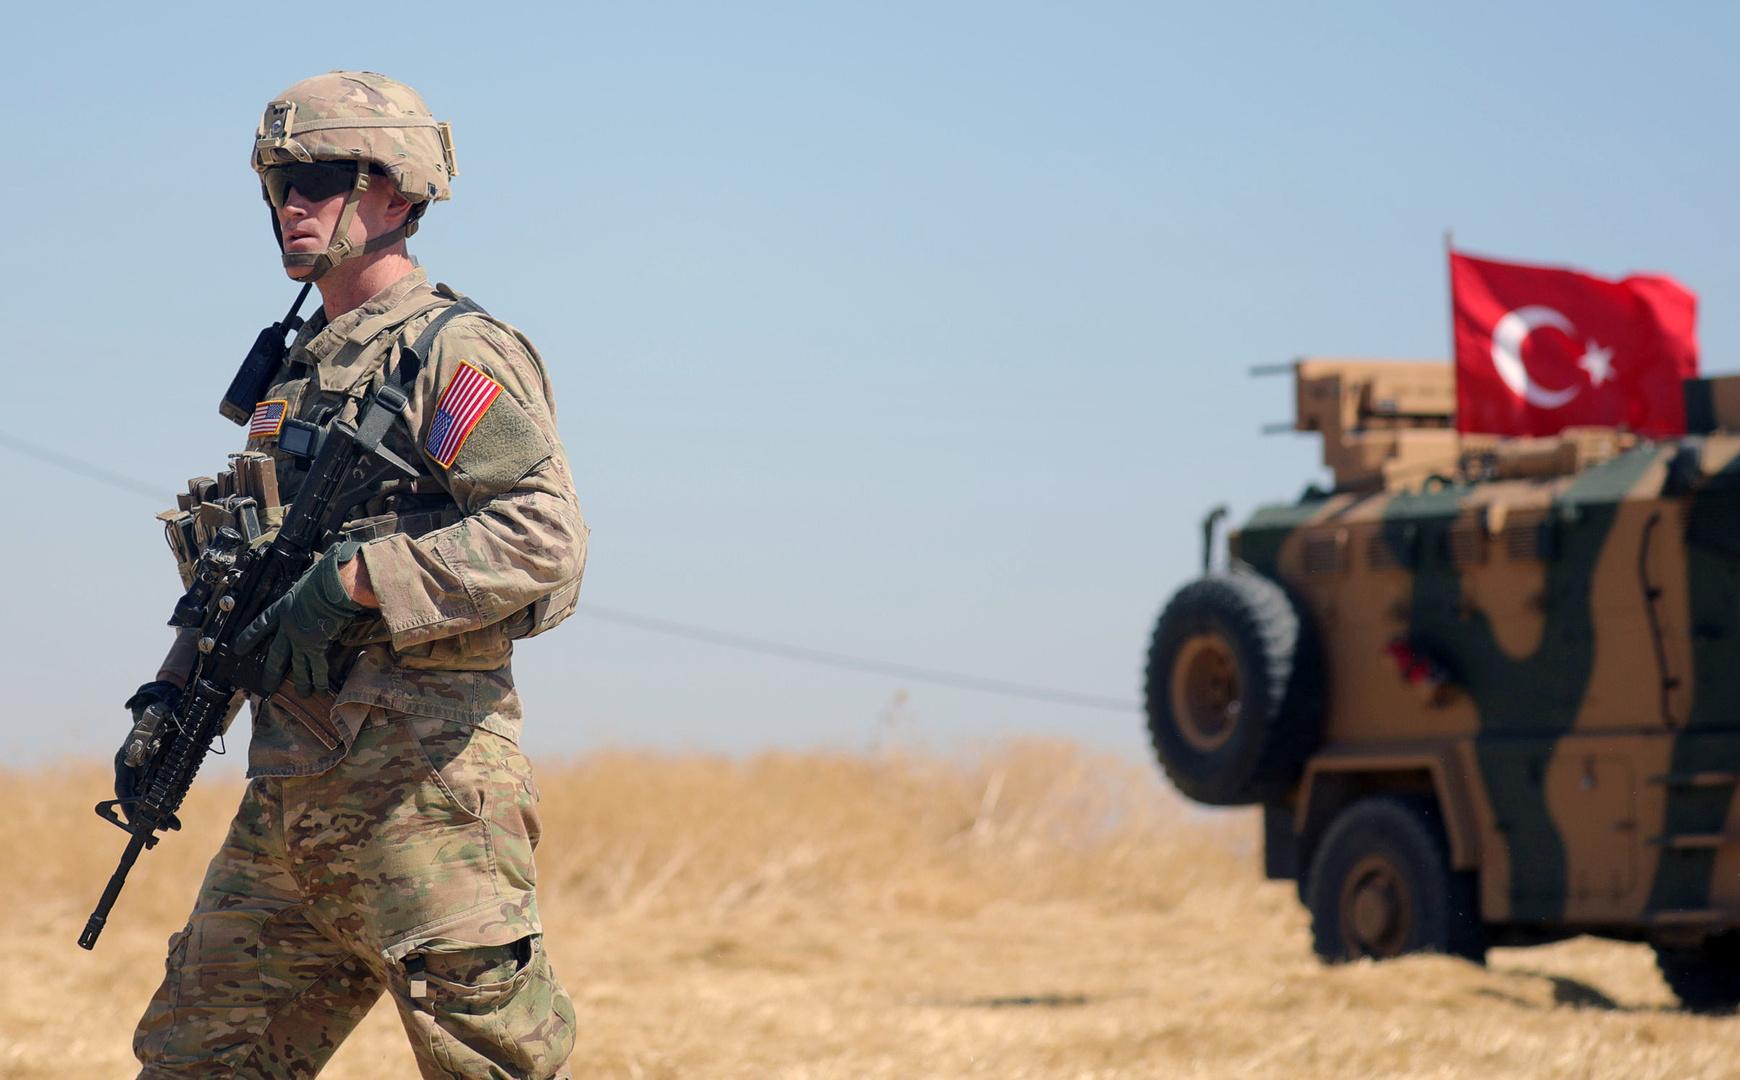 مسؤولون أمريكيون يتهمون إيران بالوقوف وراء هجوم بطائرات مسيرة على قاعدة أمريكية في سوريا